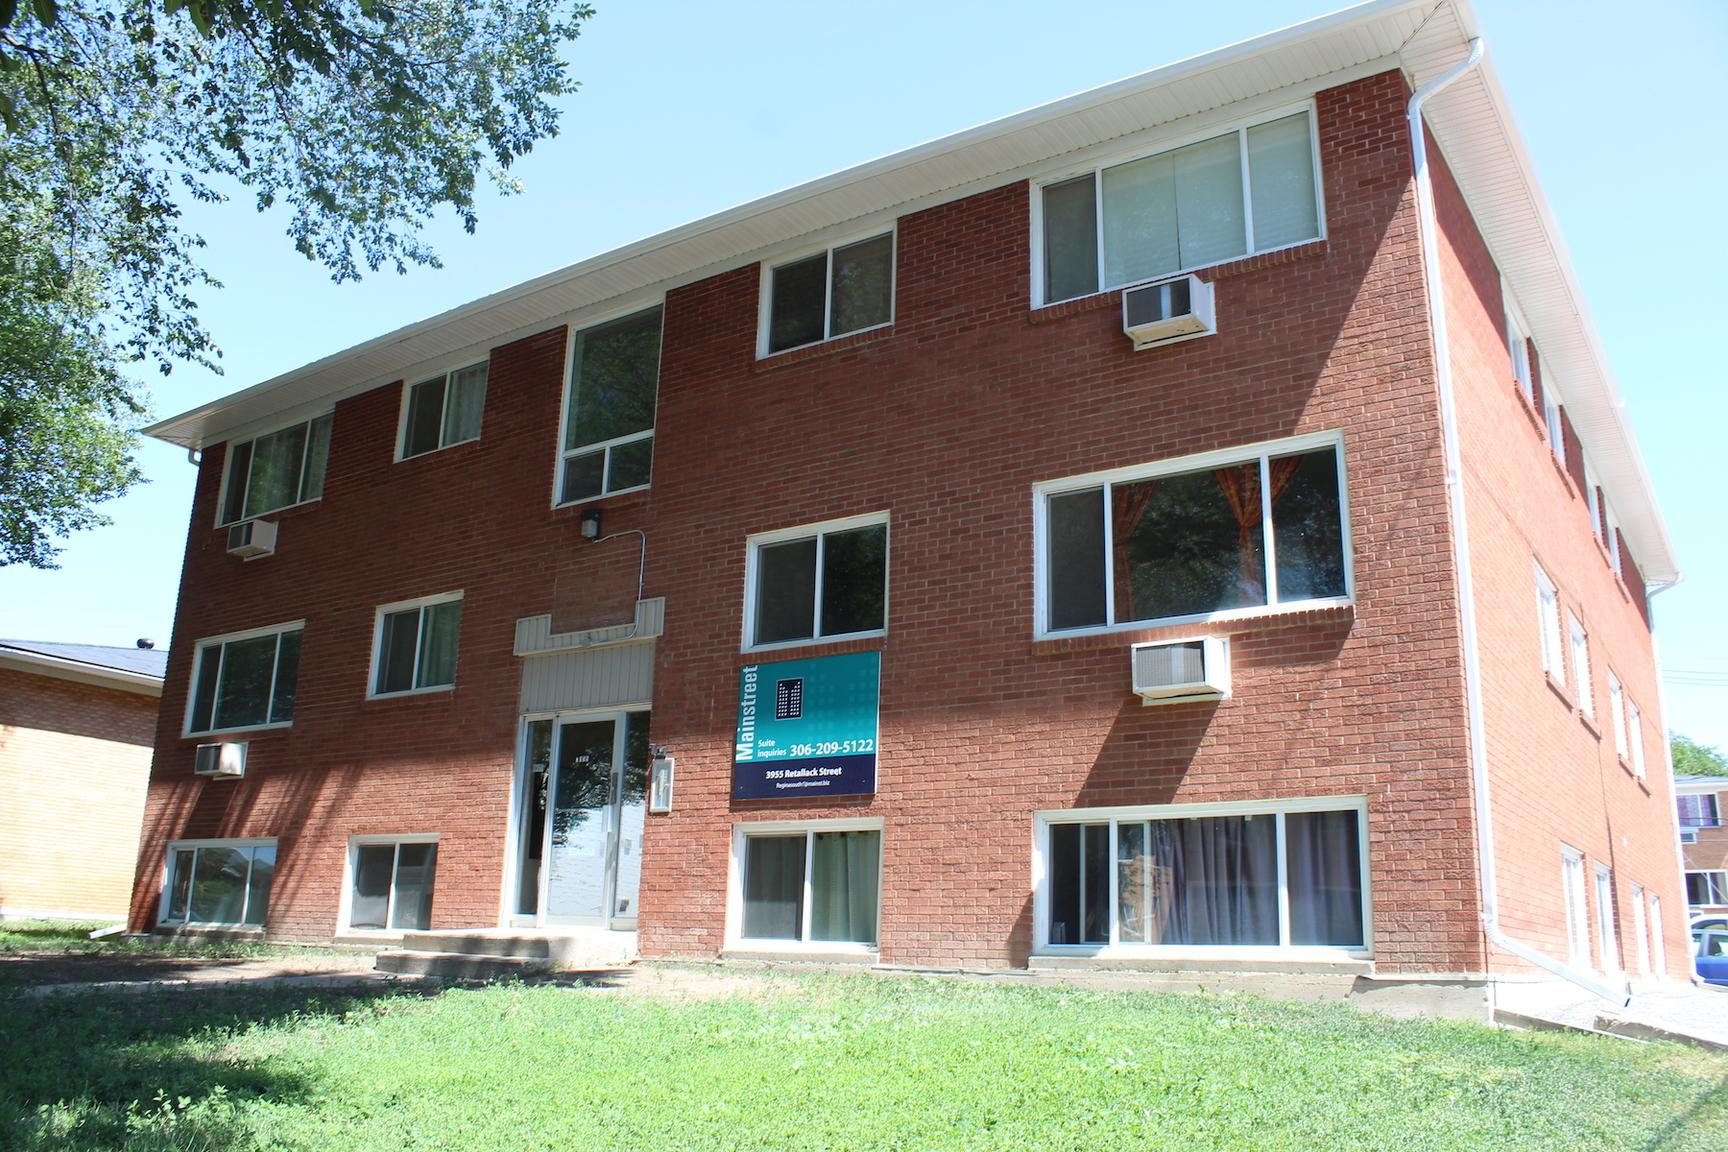 3955 Retallack Street, Regina, SK - $799